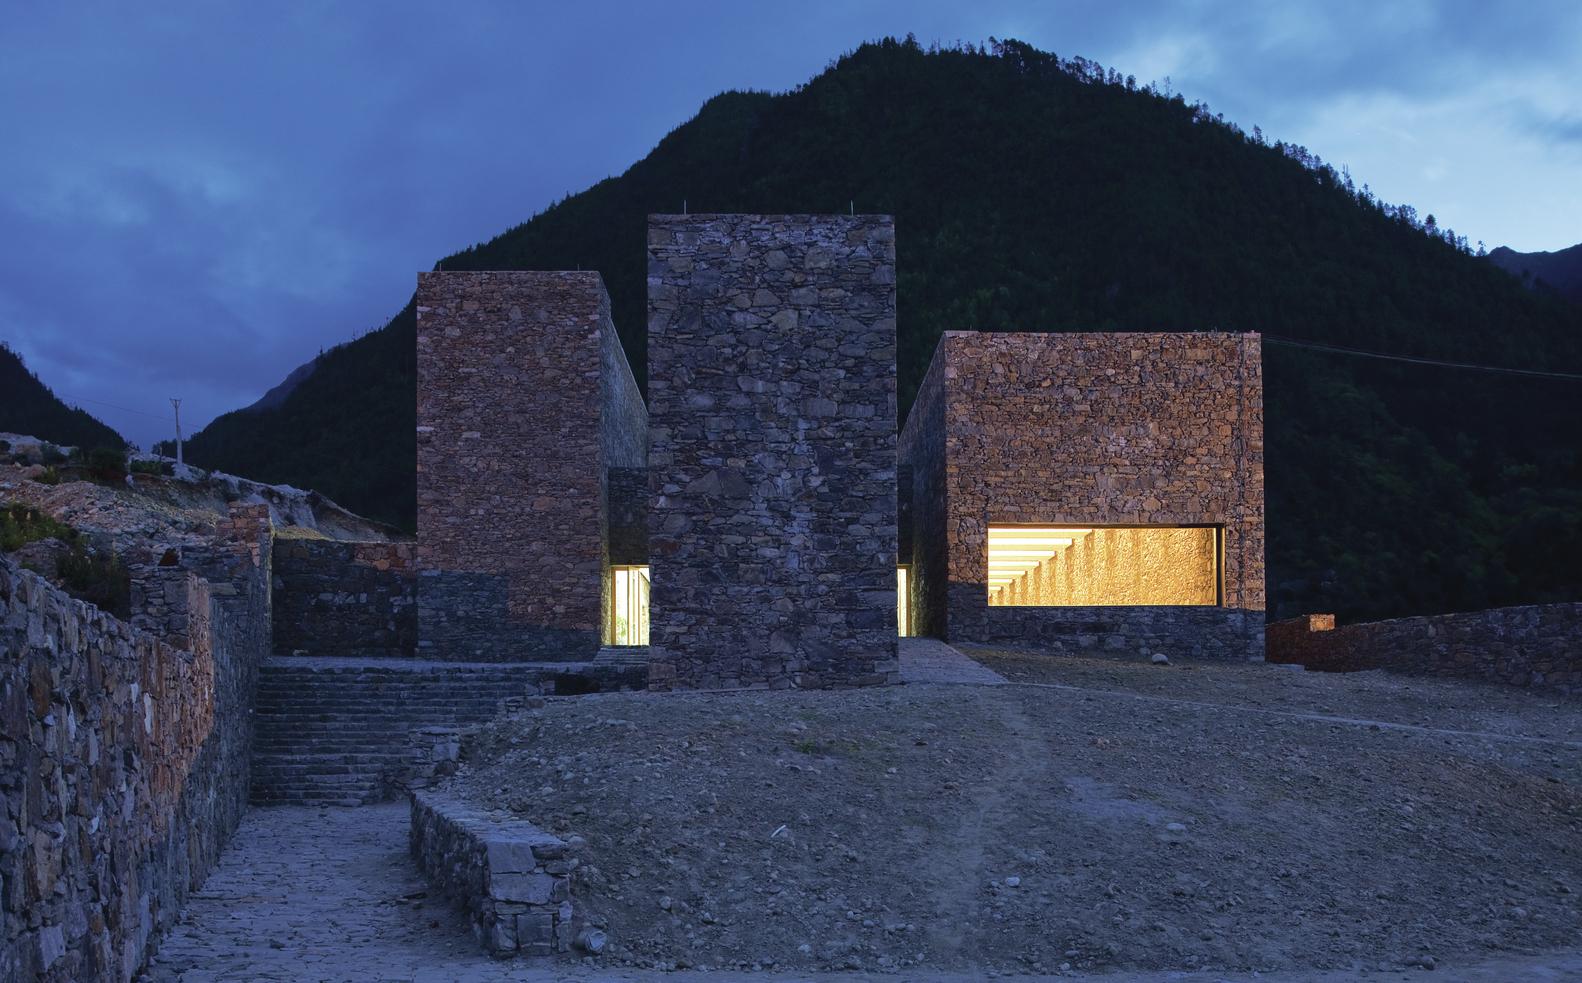 El centro de visitantes de Namchabawa: una fortificación moderna en el Tíbet